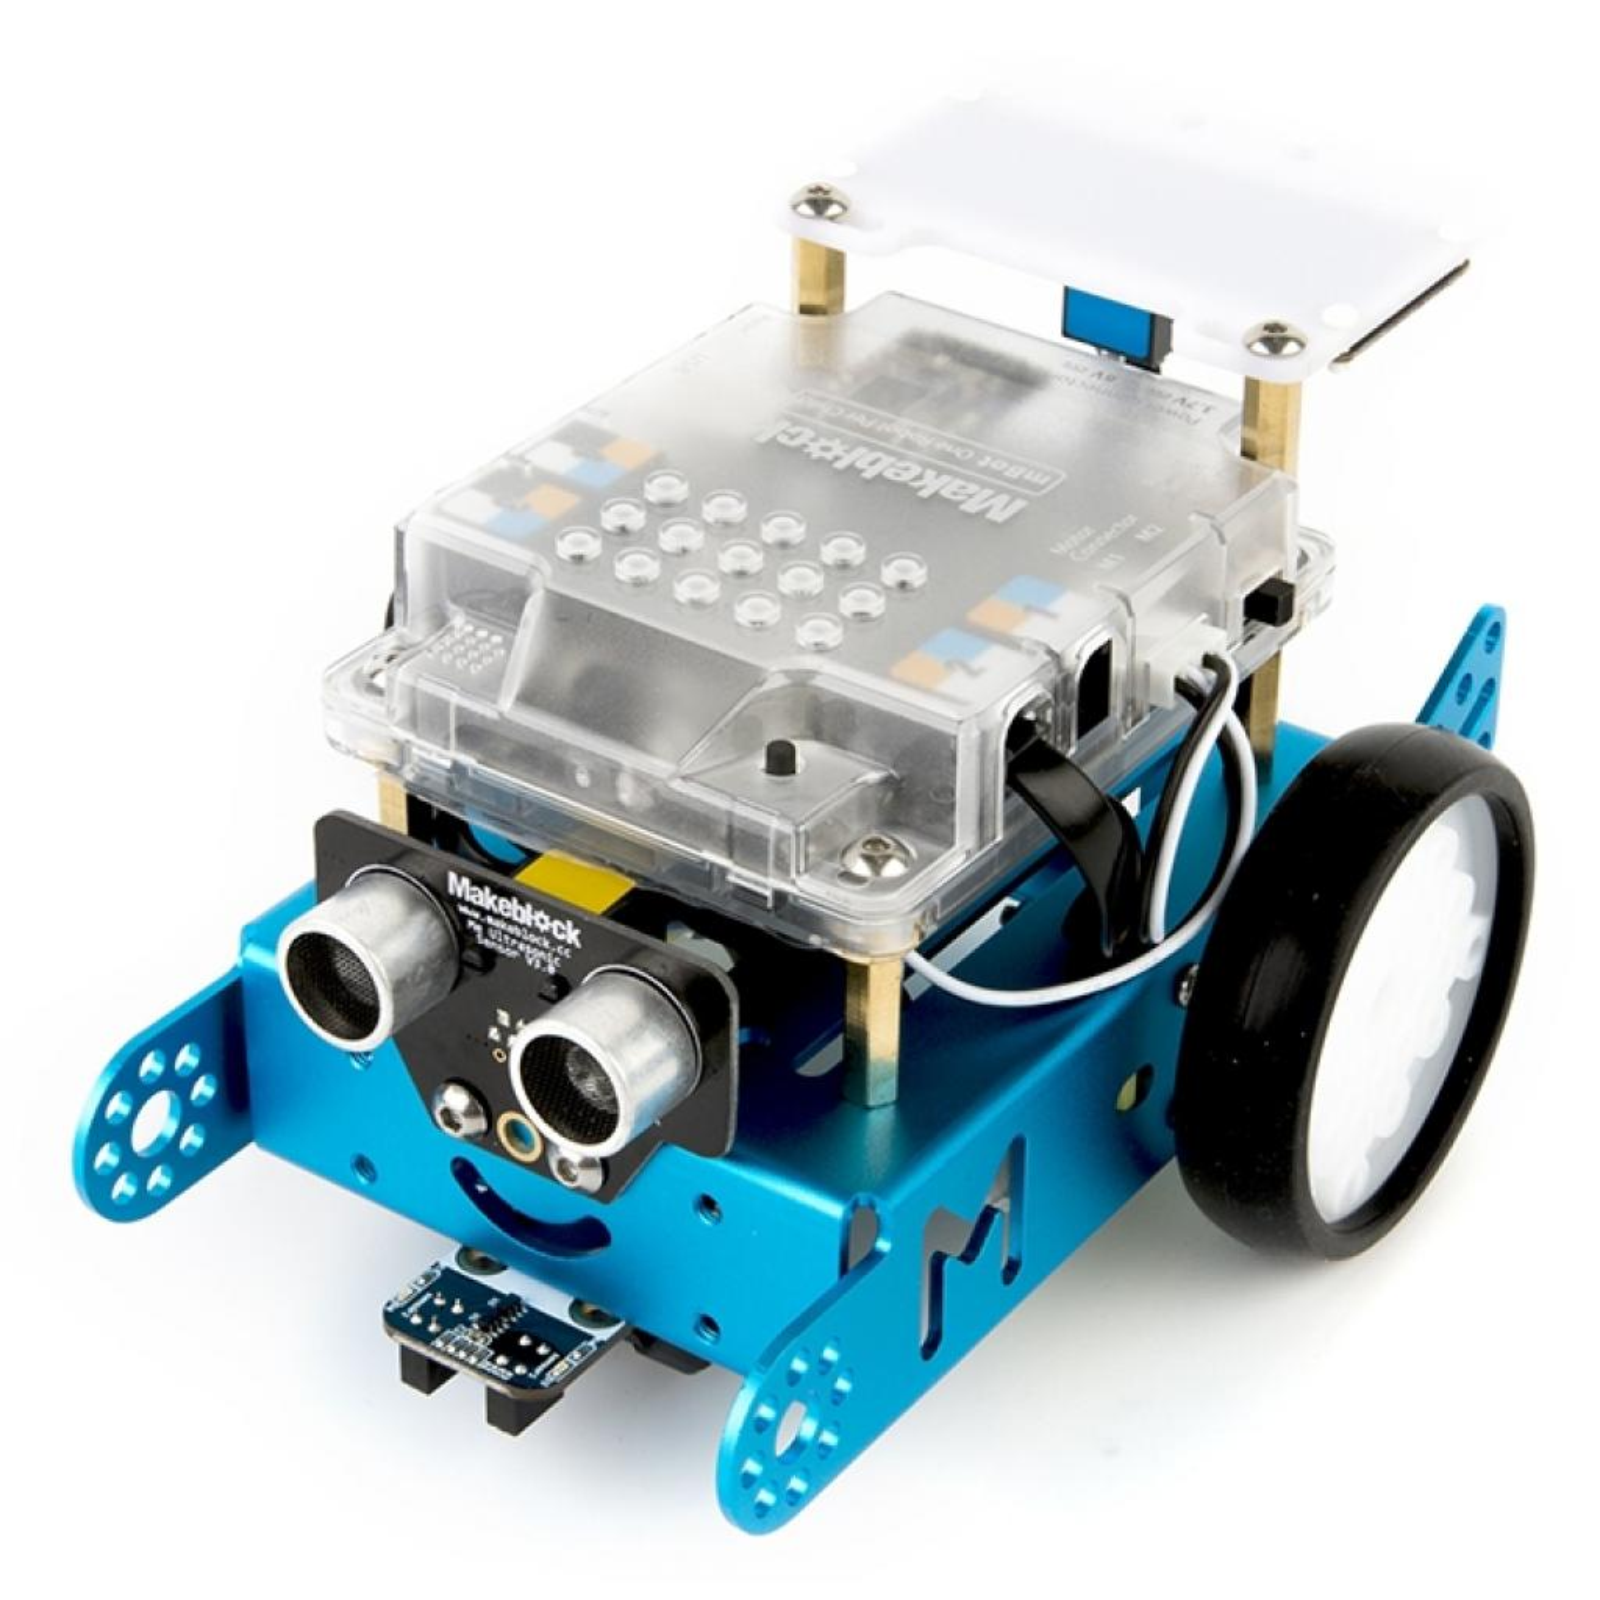 Робот Makeblock mBot S (P1010045) изображение 2